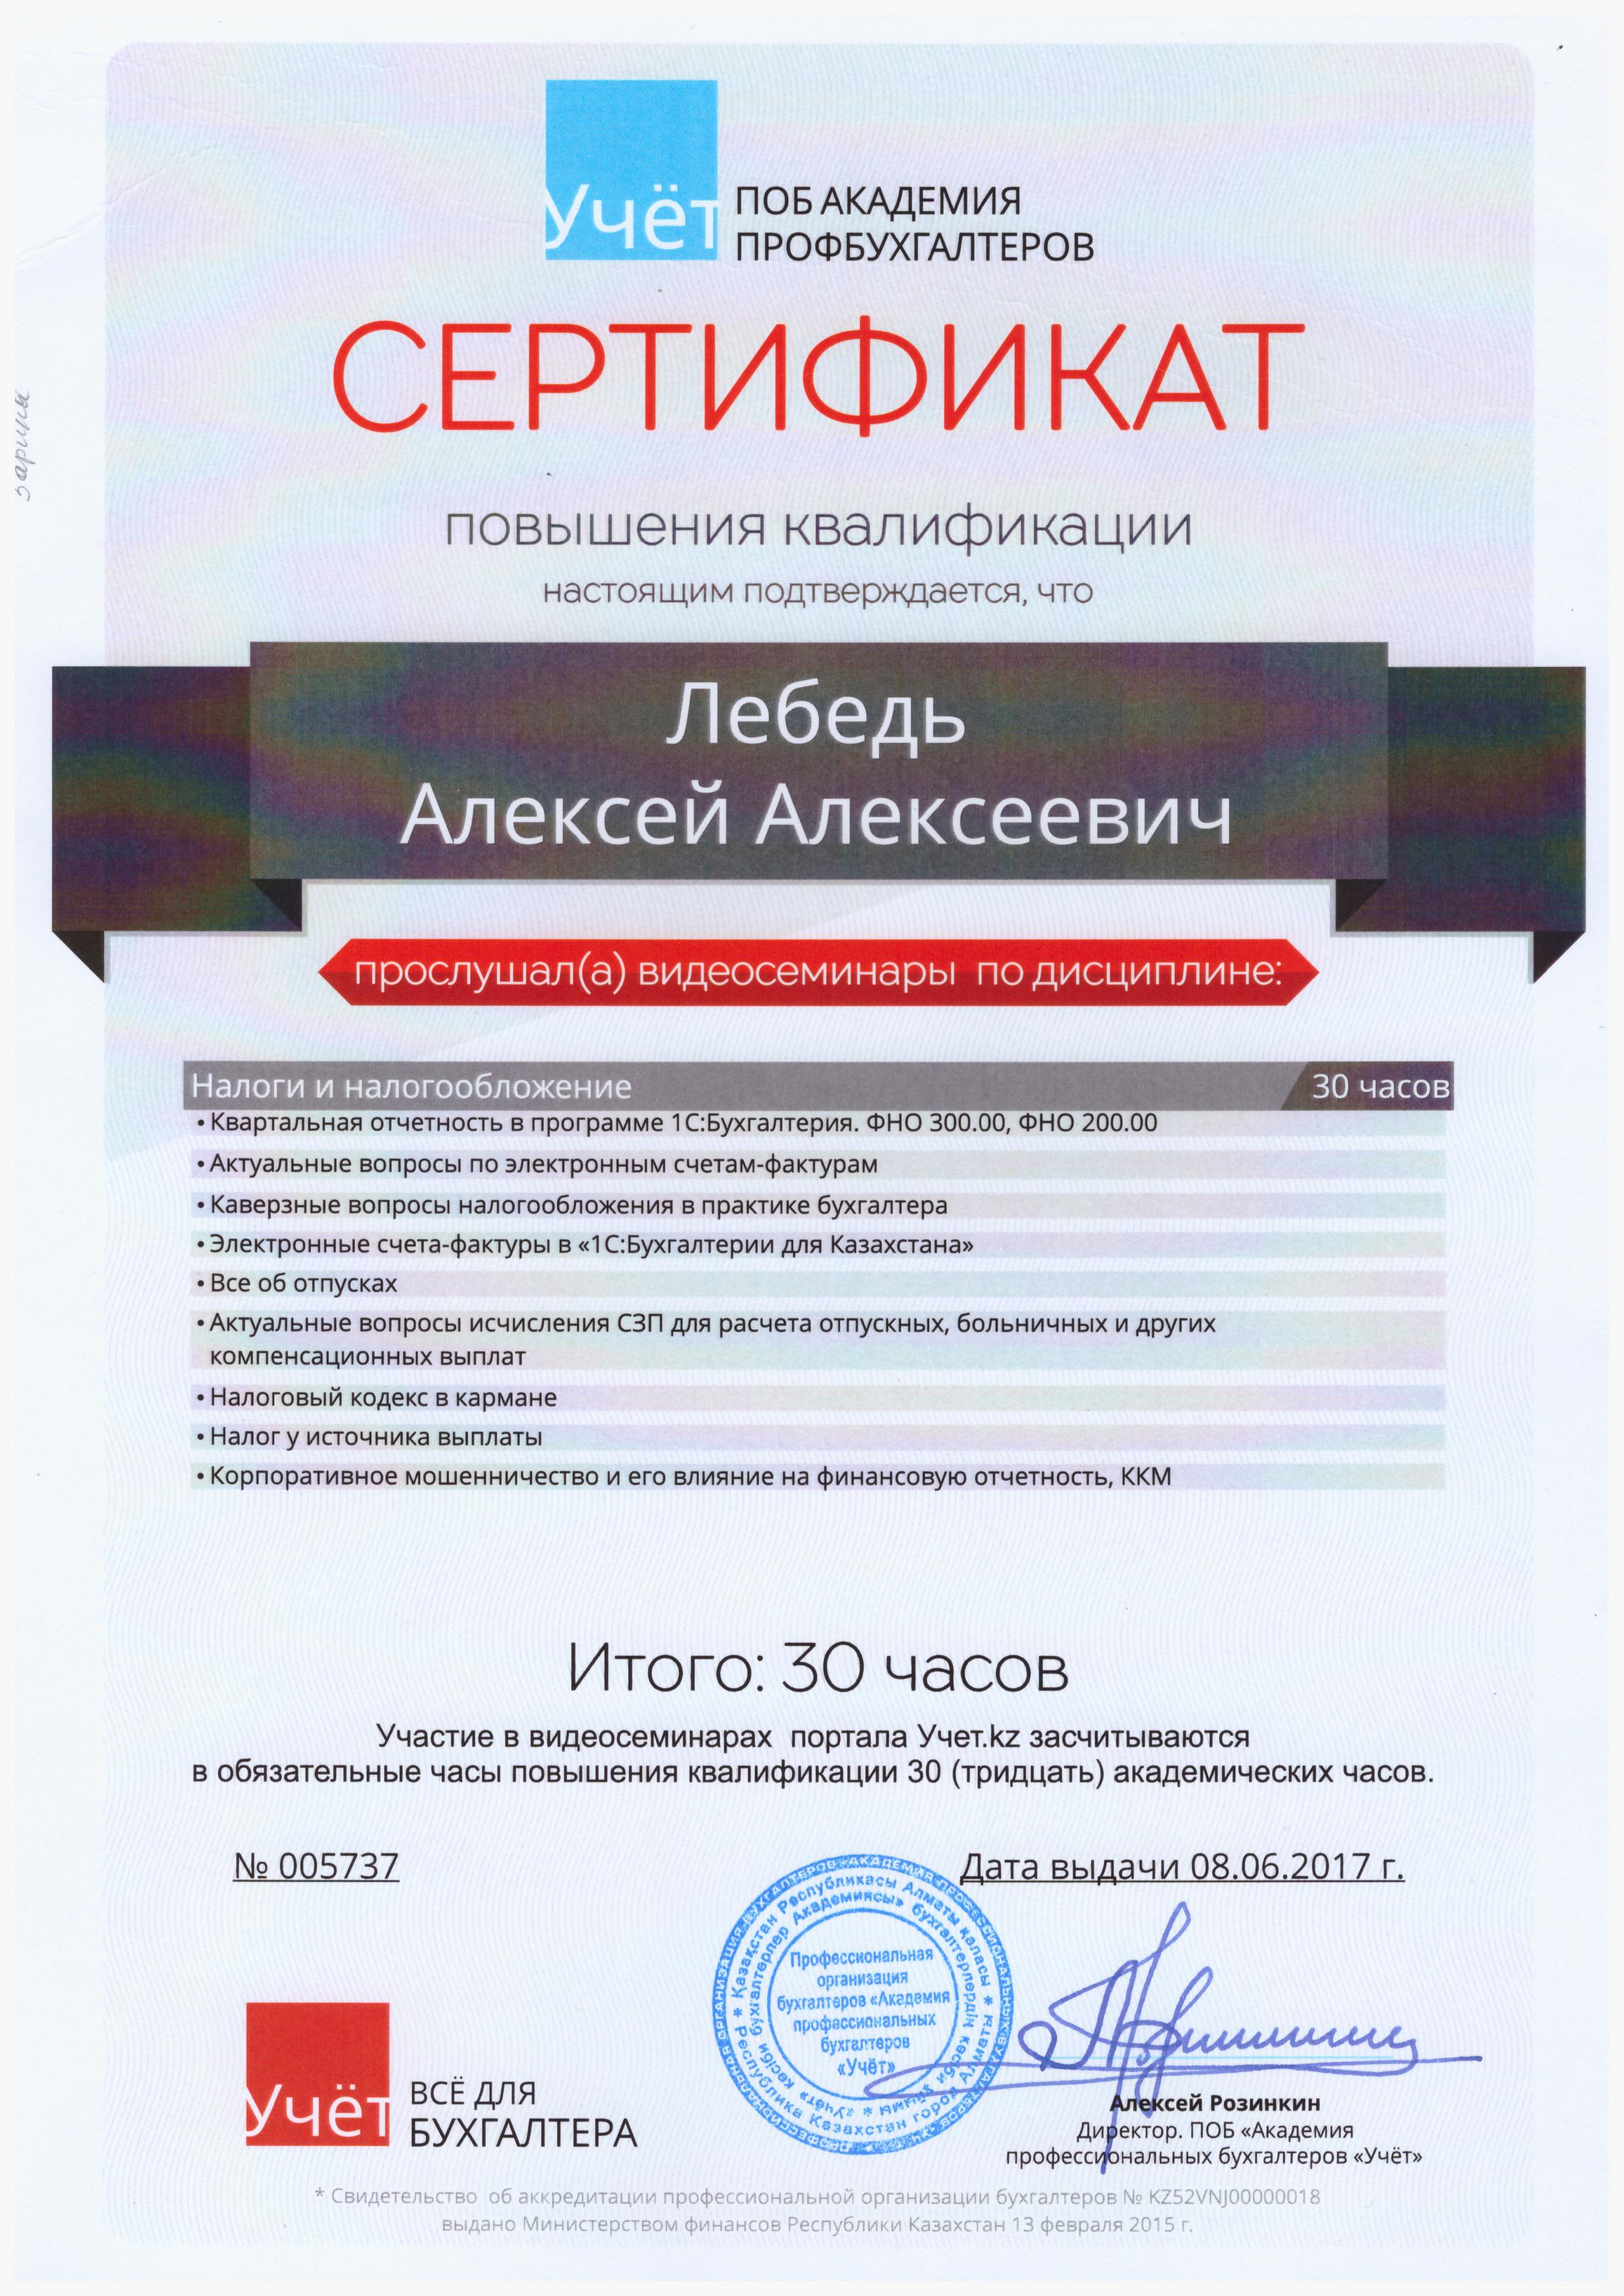 Сертификат Алексея Лебедь повышение квалификации